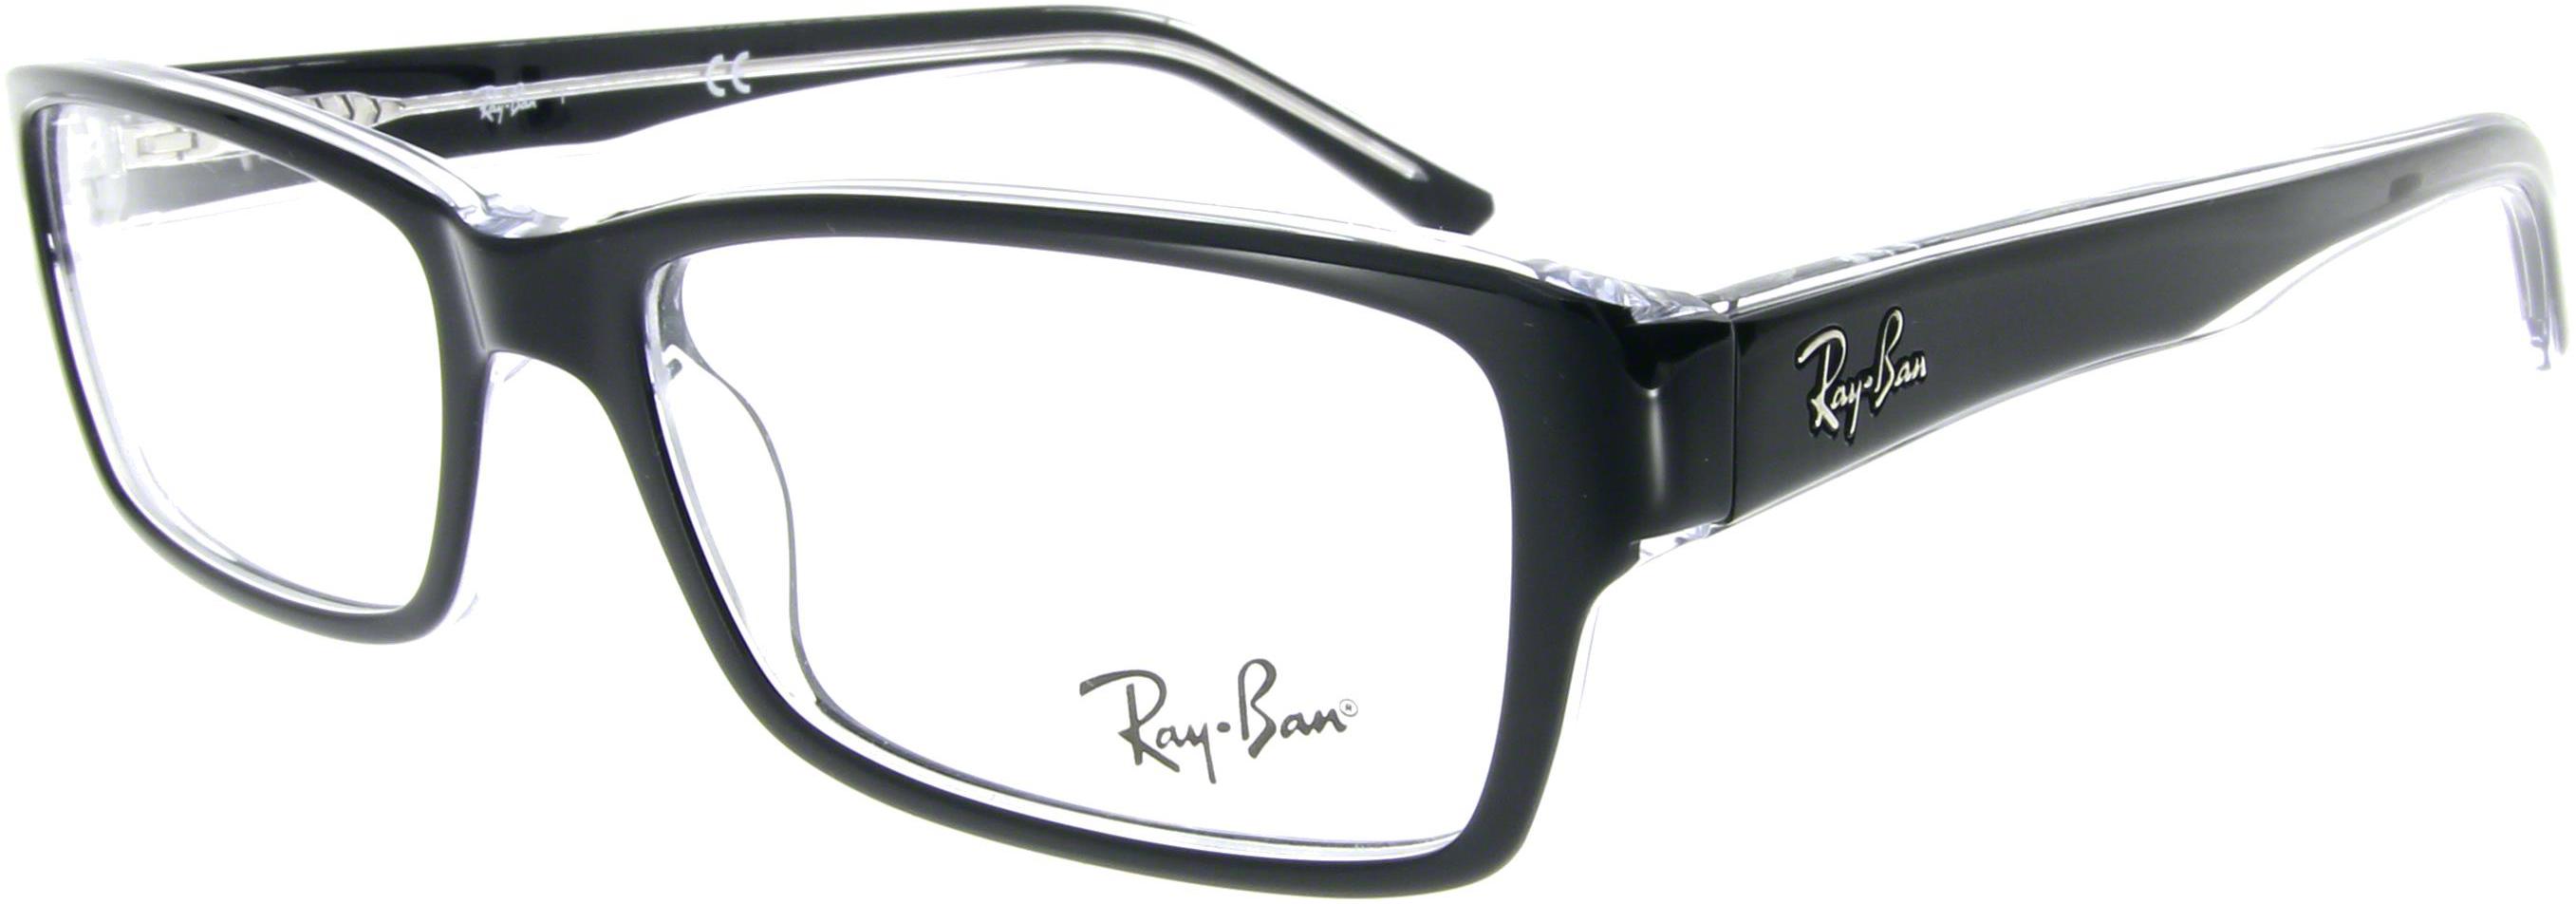 ray ban brille schwarz transparent. Black Bedroom Furniture Sets. Home Design Ideas